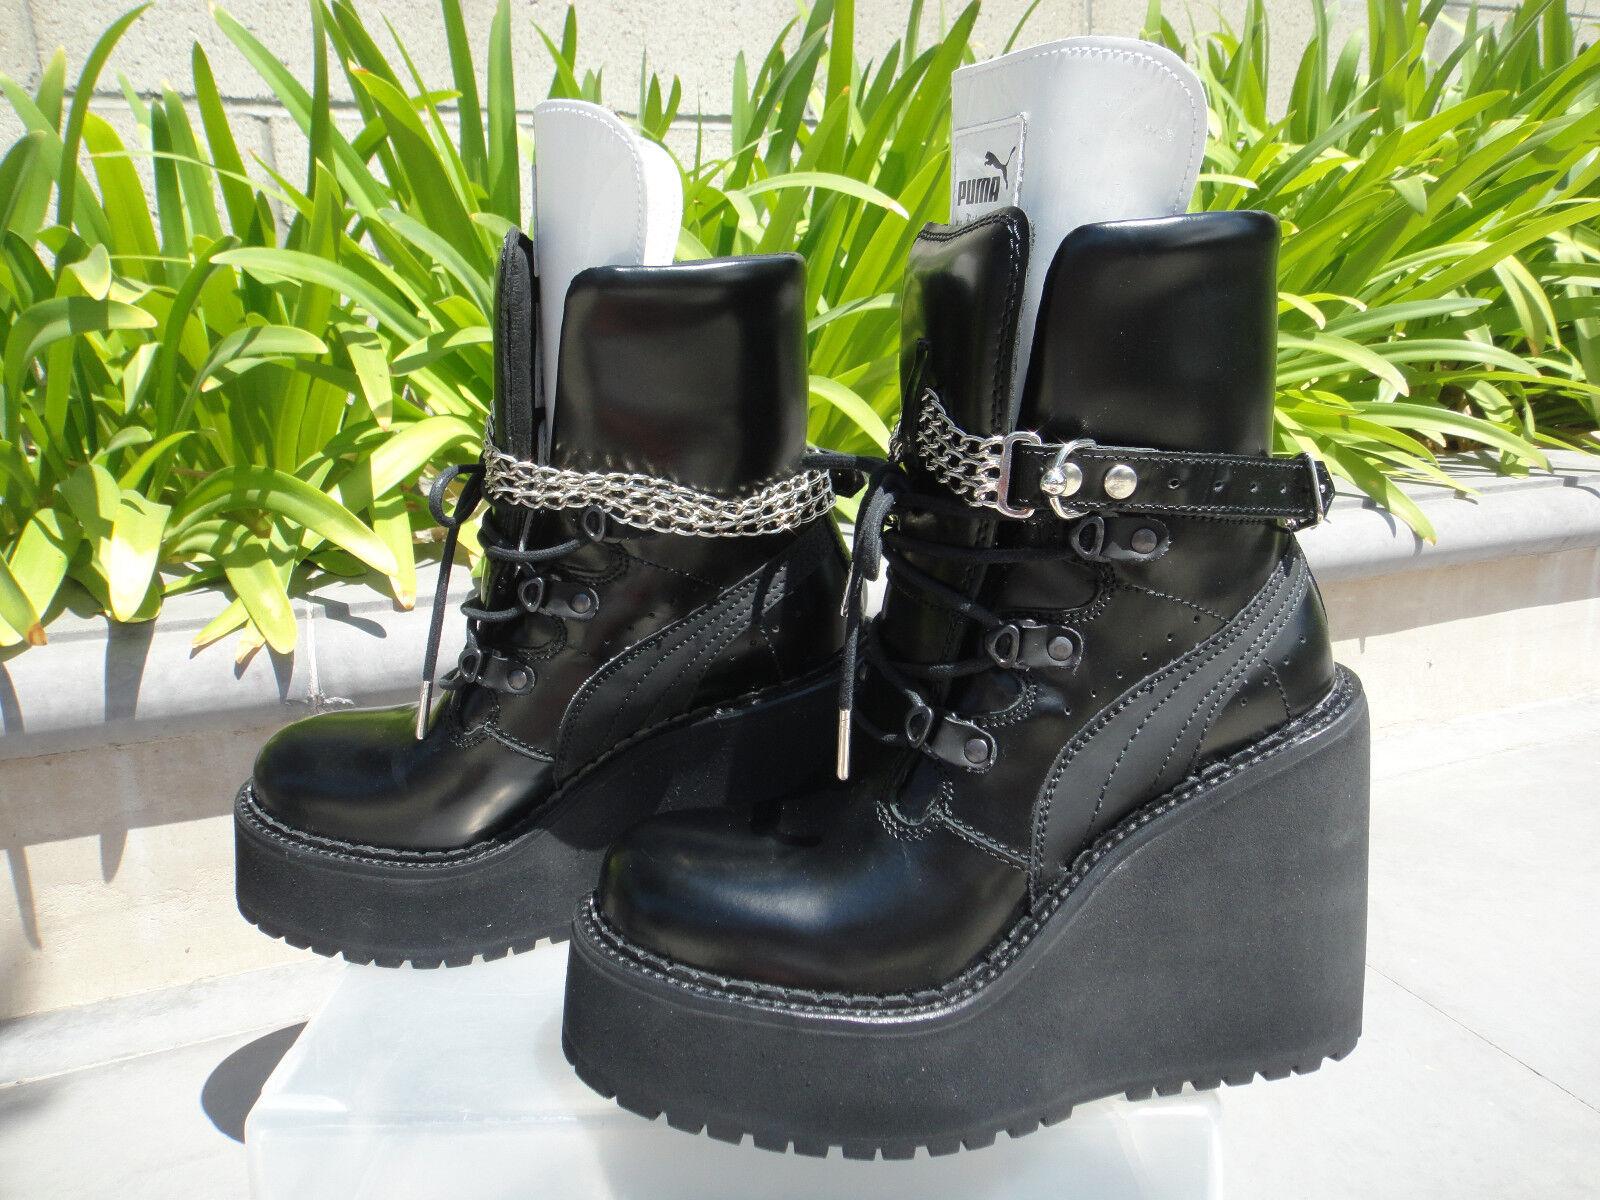 Zapatilla Puma zapatostring X Rihanna cadenas de de de cuña de arranque Hebillas, elige Wmns Talla EE. UU. 7.5M  70% de descuento